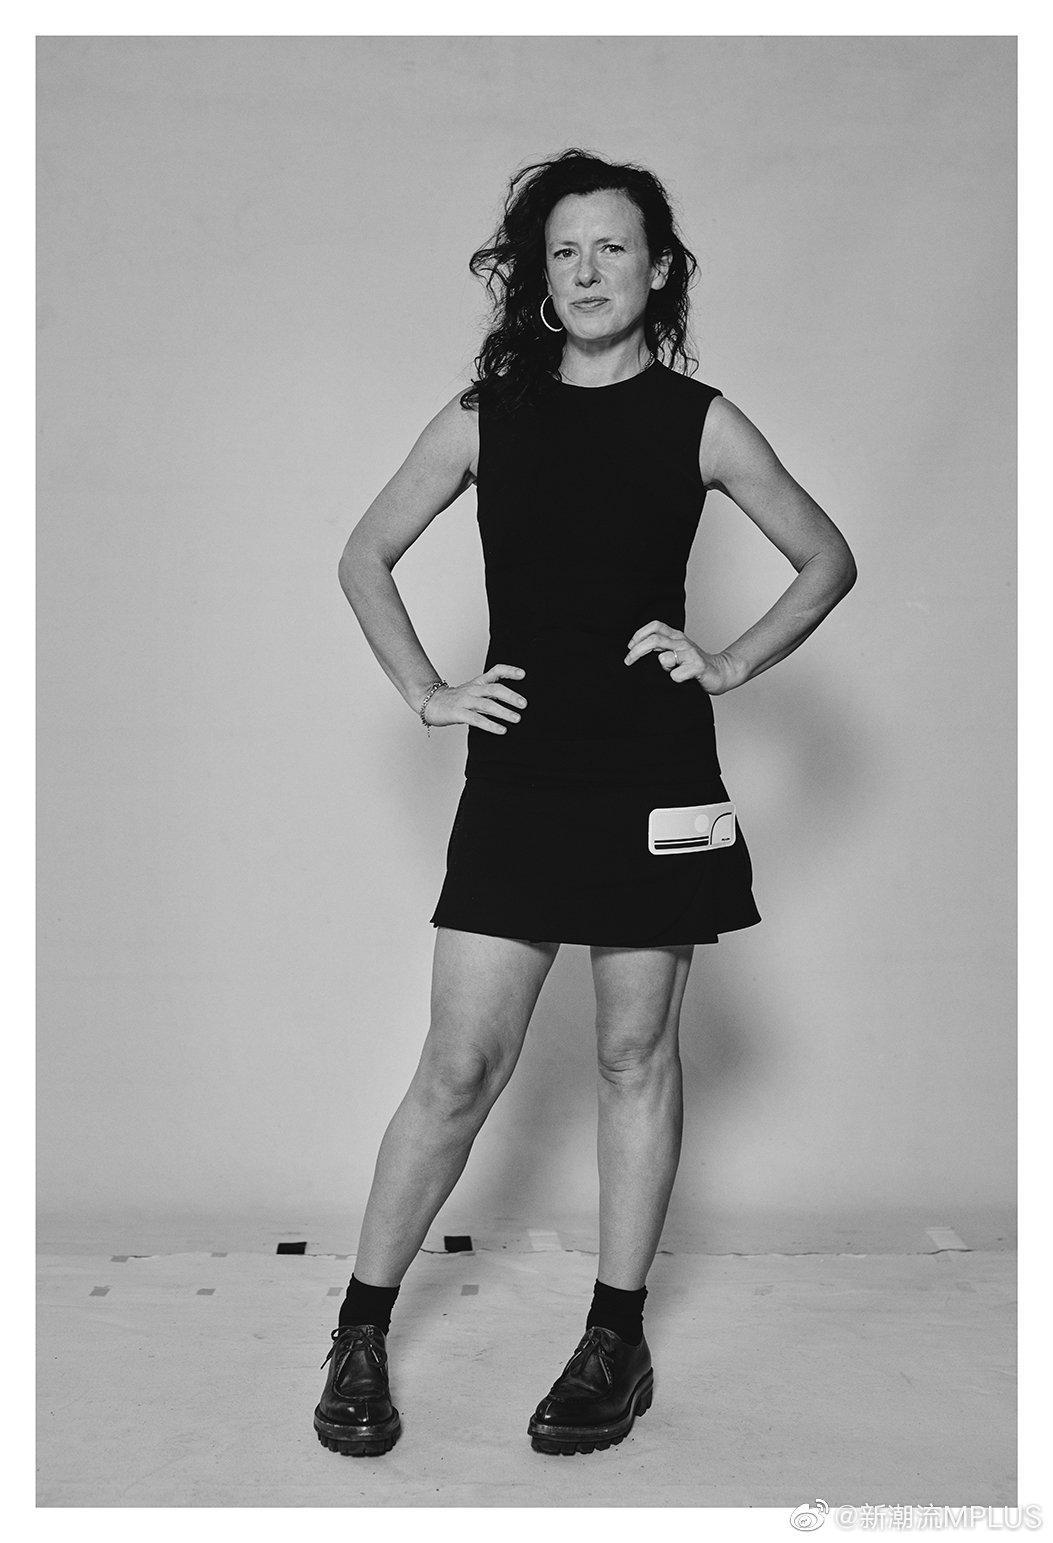 2021年2月28日,意大利百年时尚运动品牌FILA再登米兰时装周